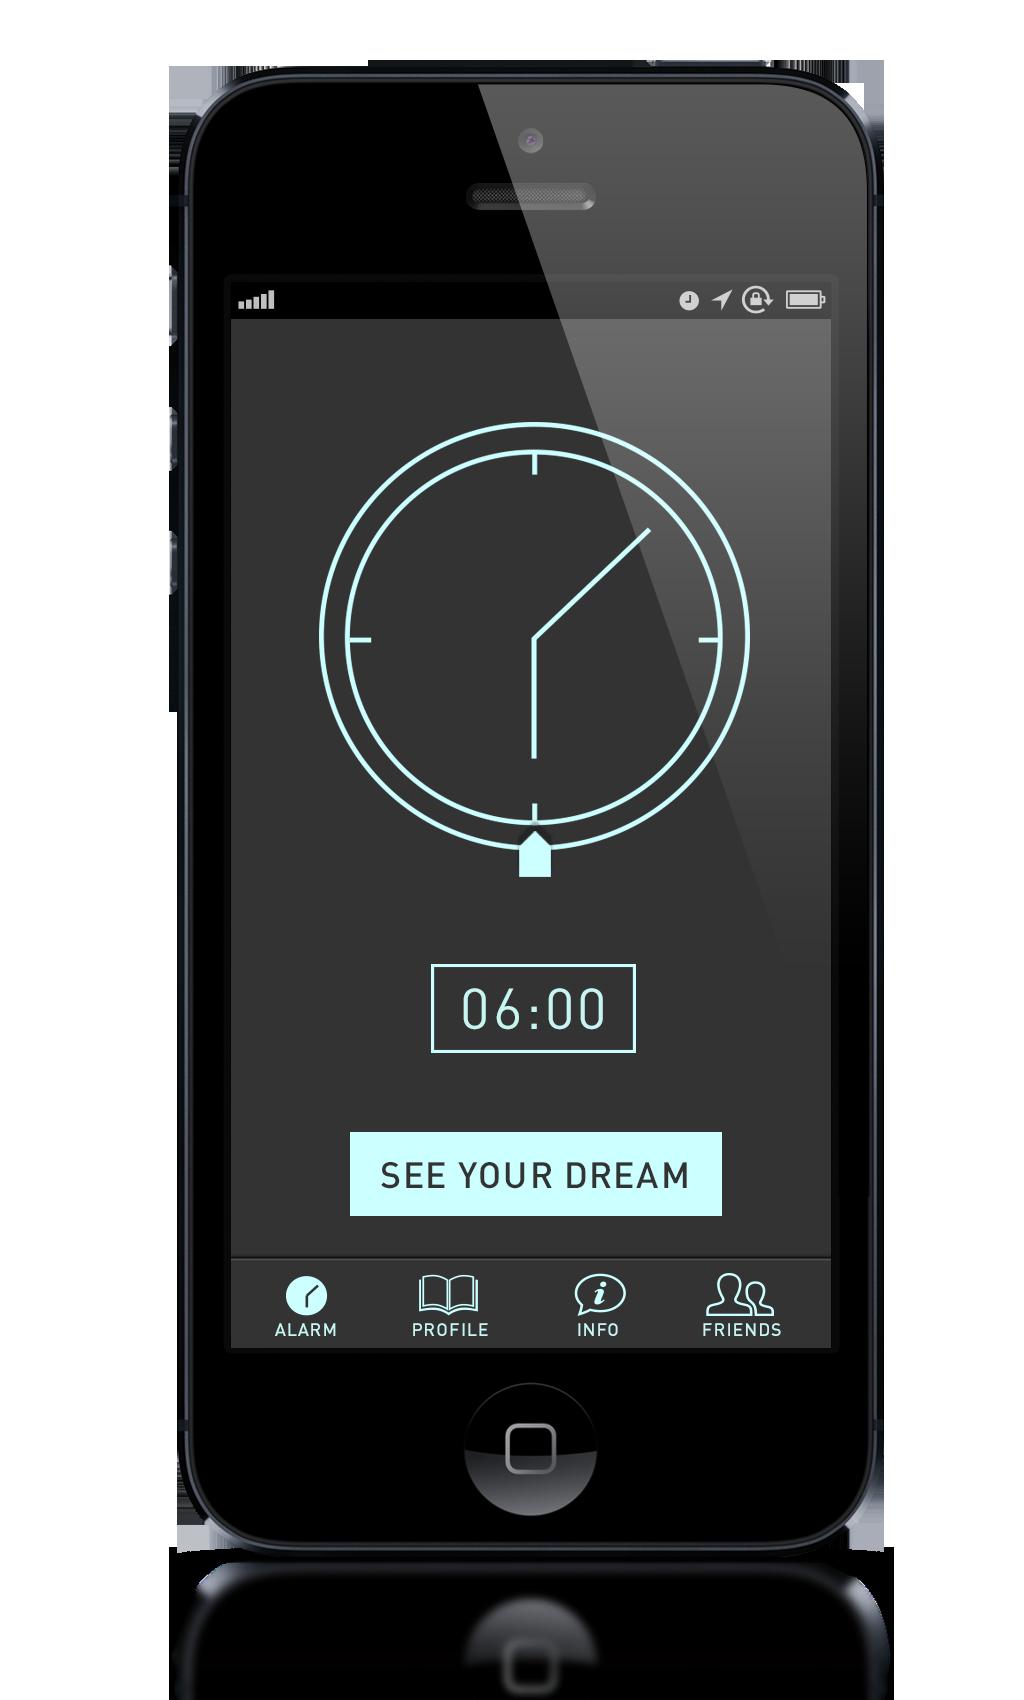 dream_app_3.png